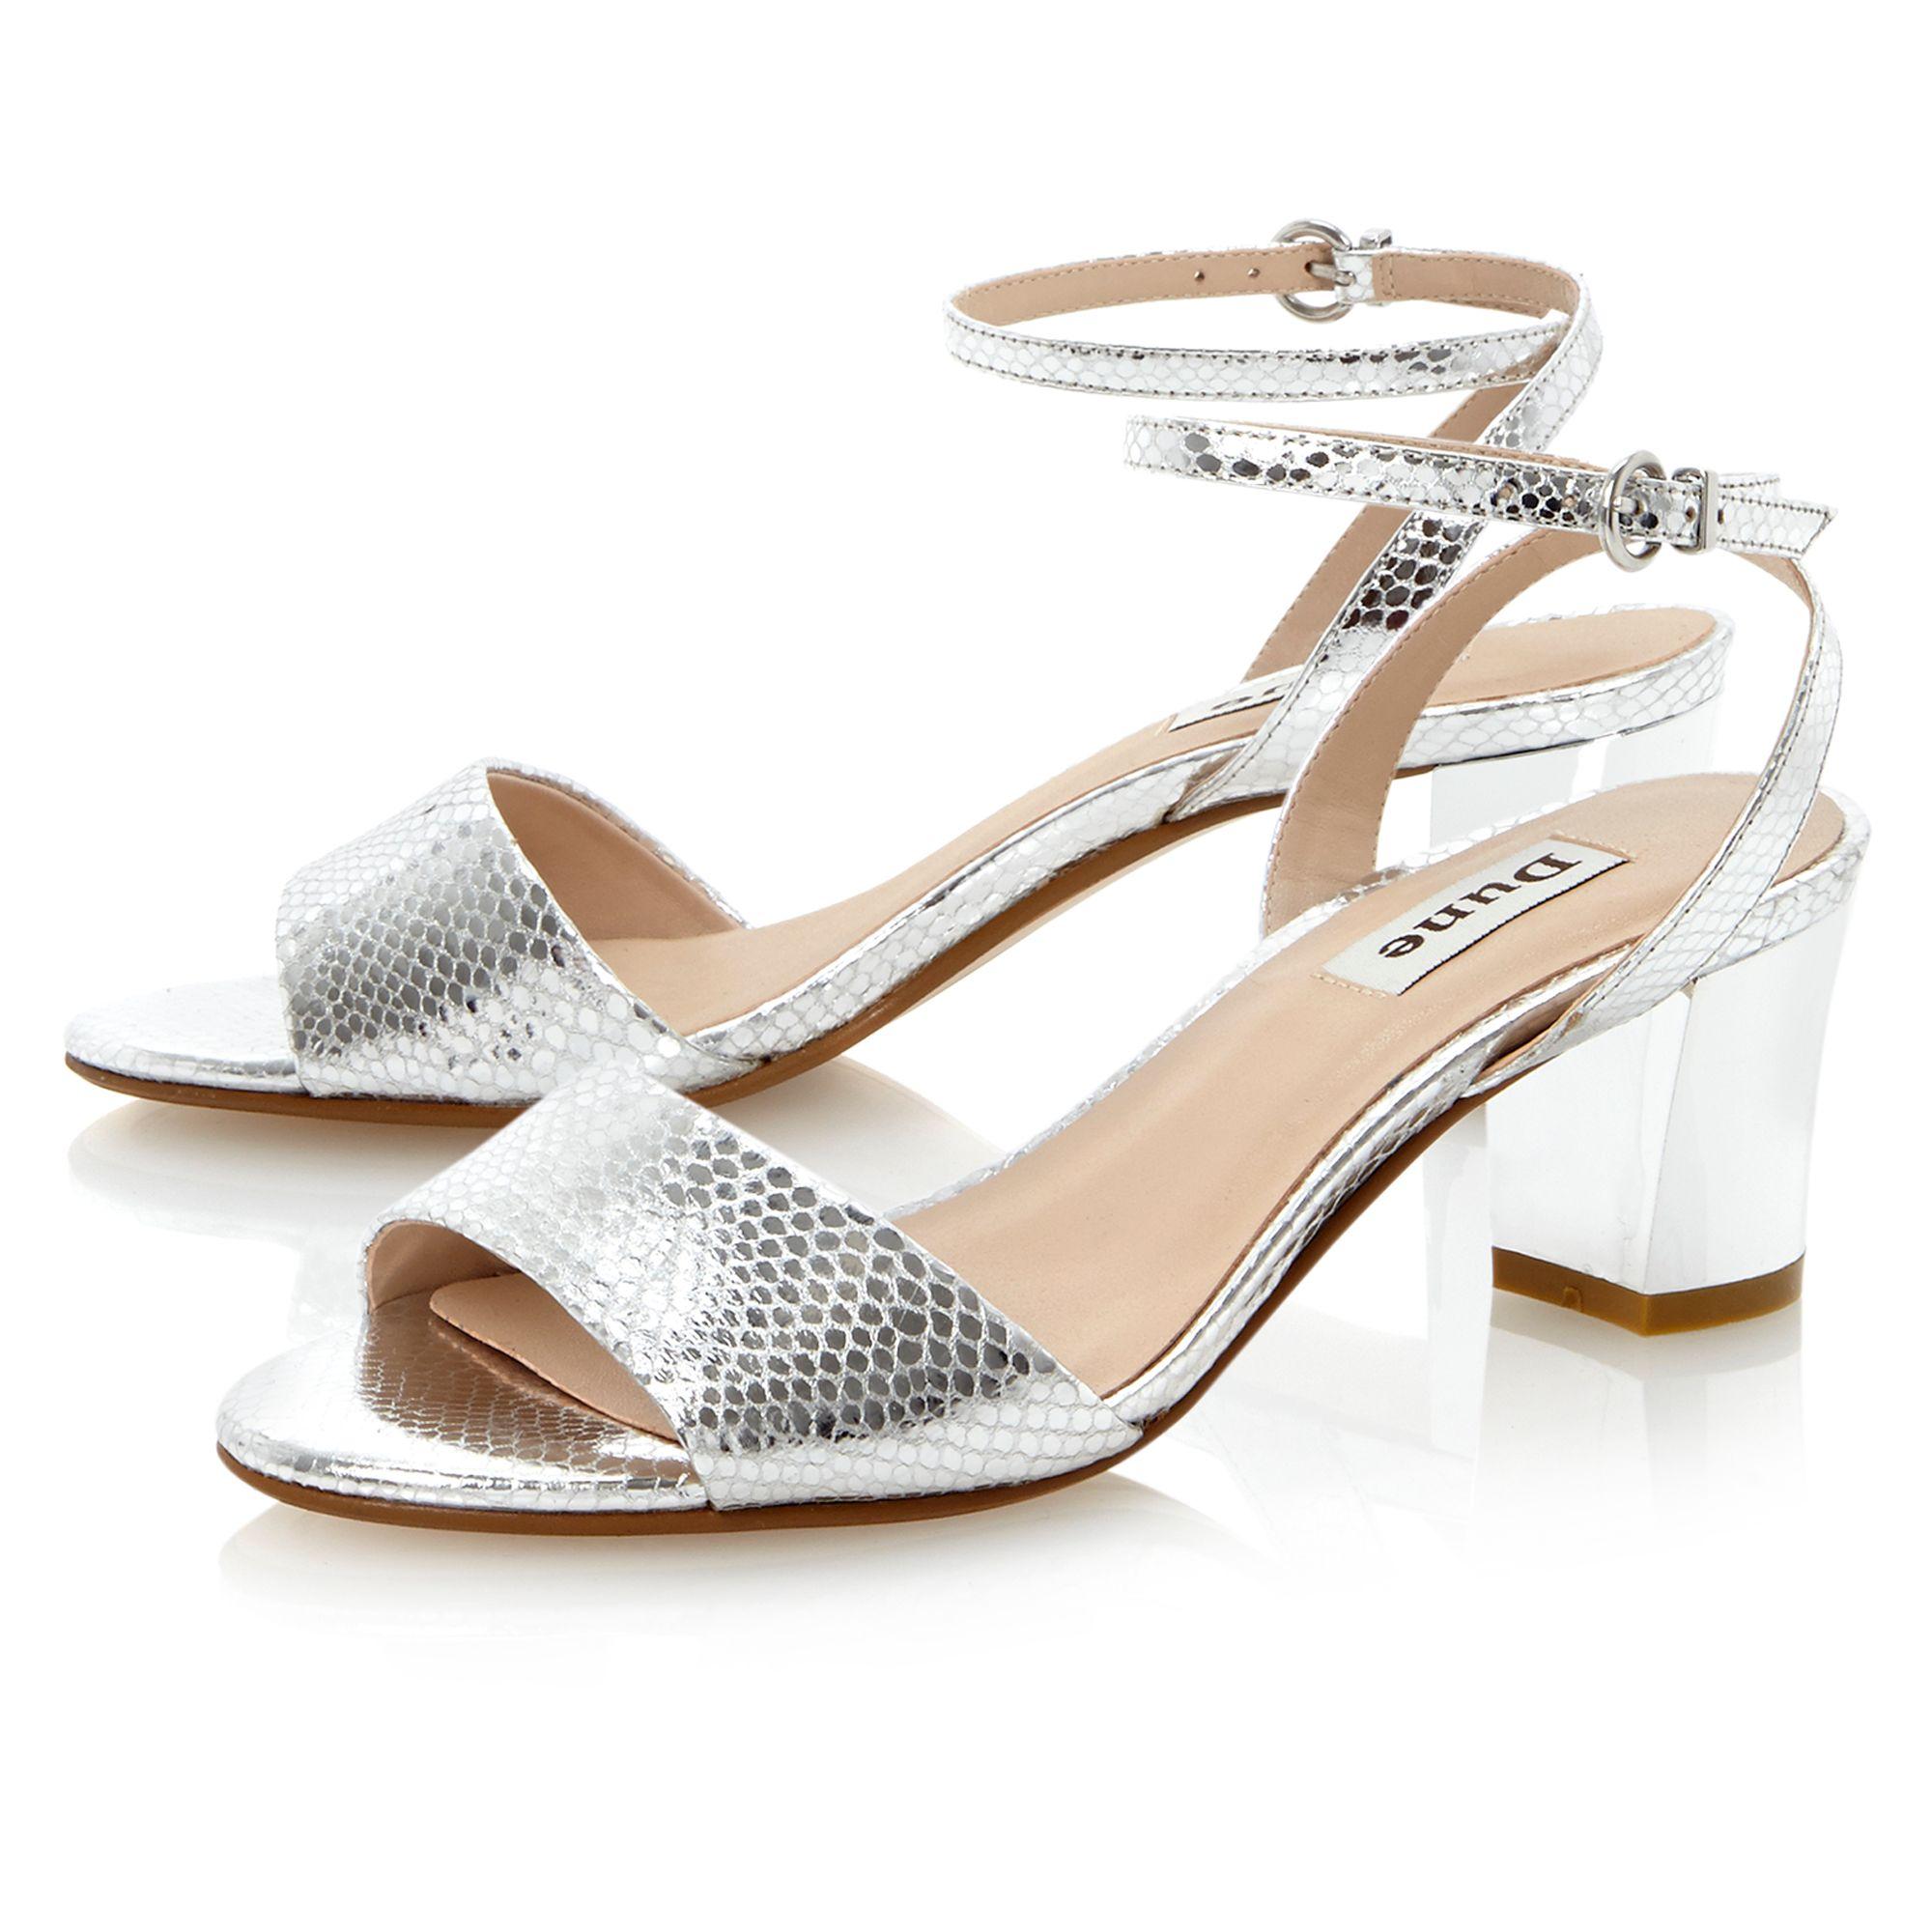 d84bc8367ea Silver Block Heels